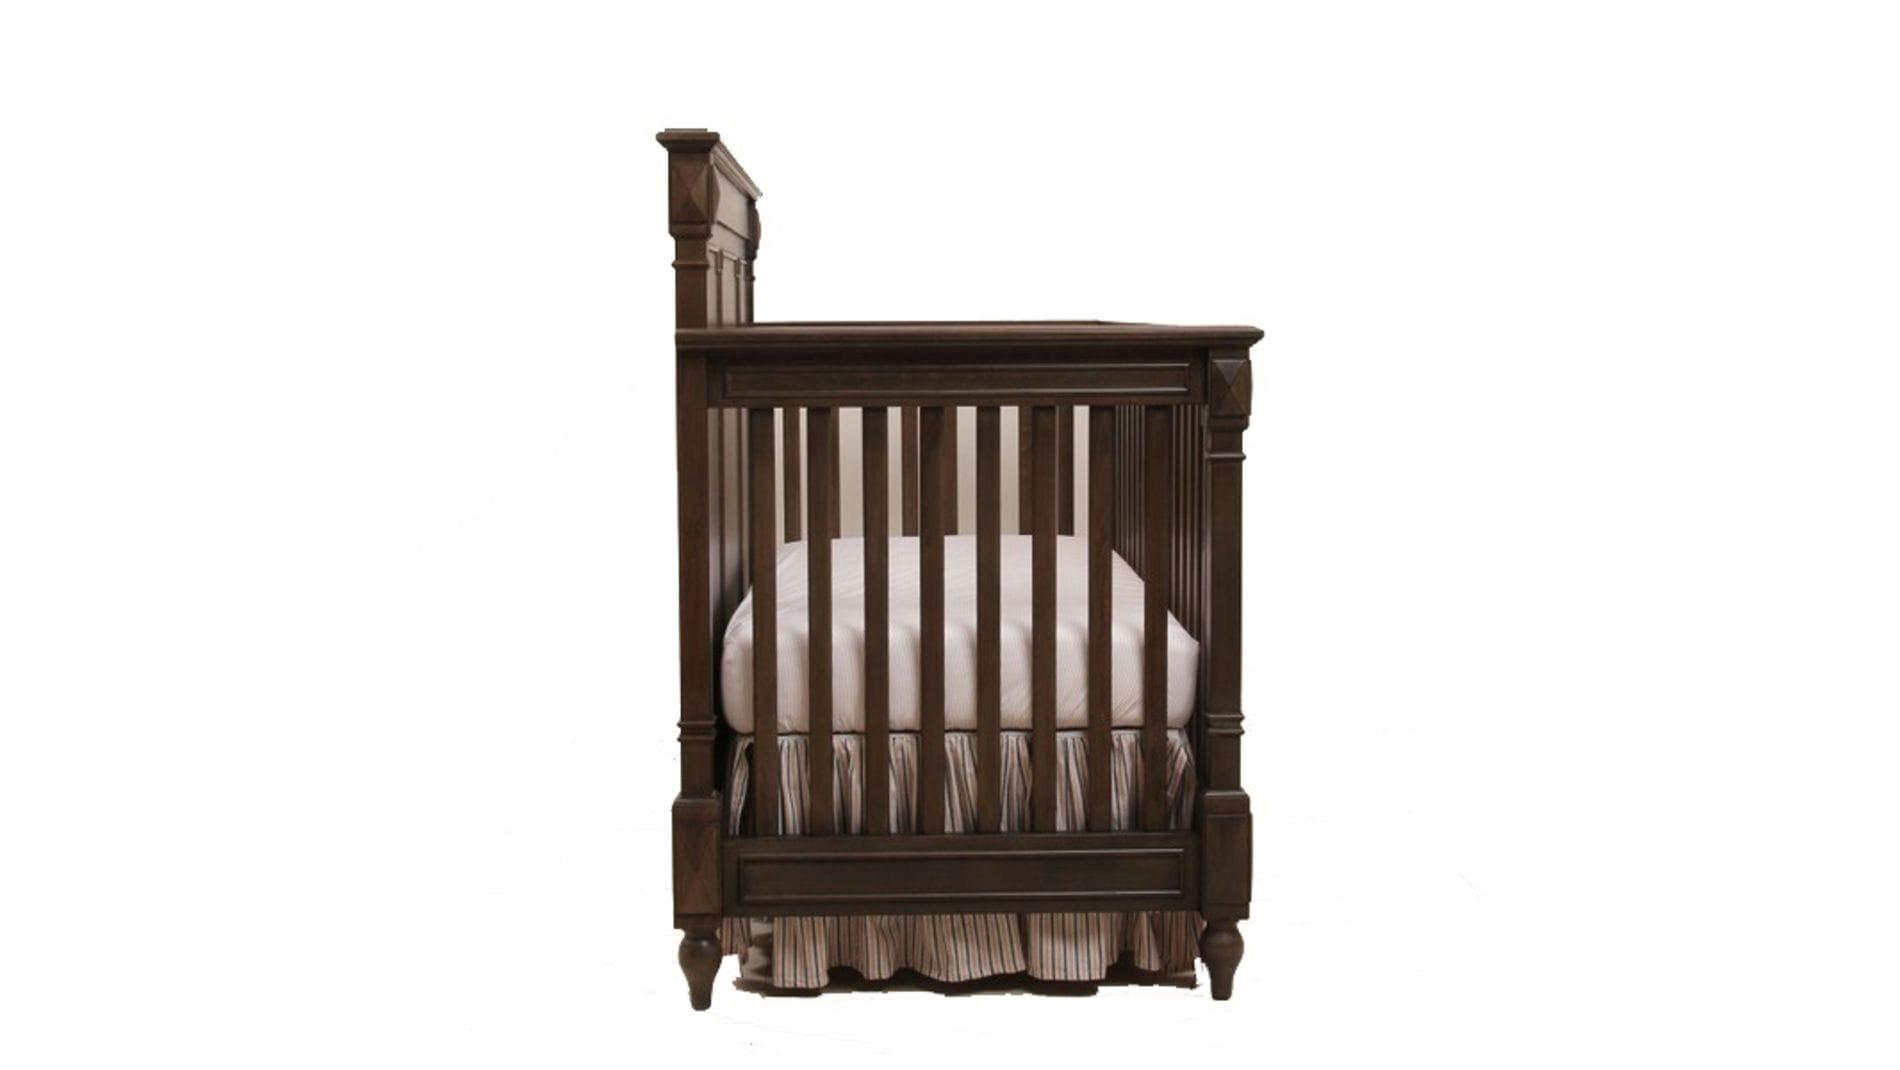 Кровать детская Gracia Коричневая с матрасом 120х60